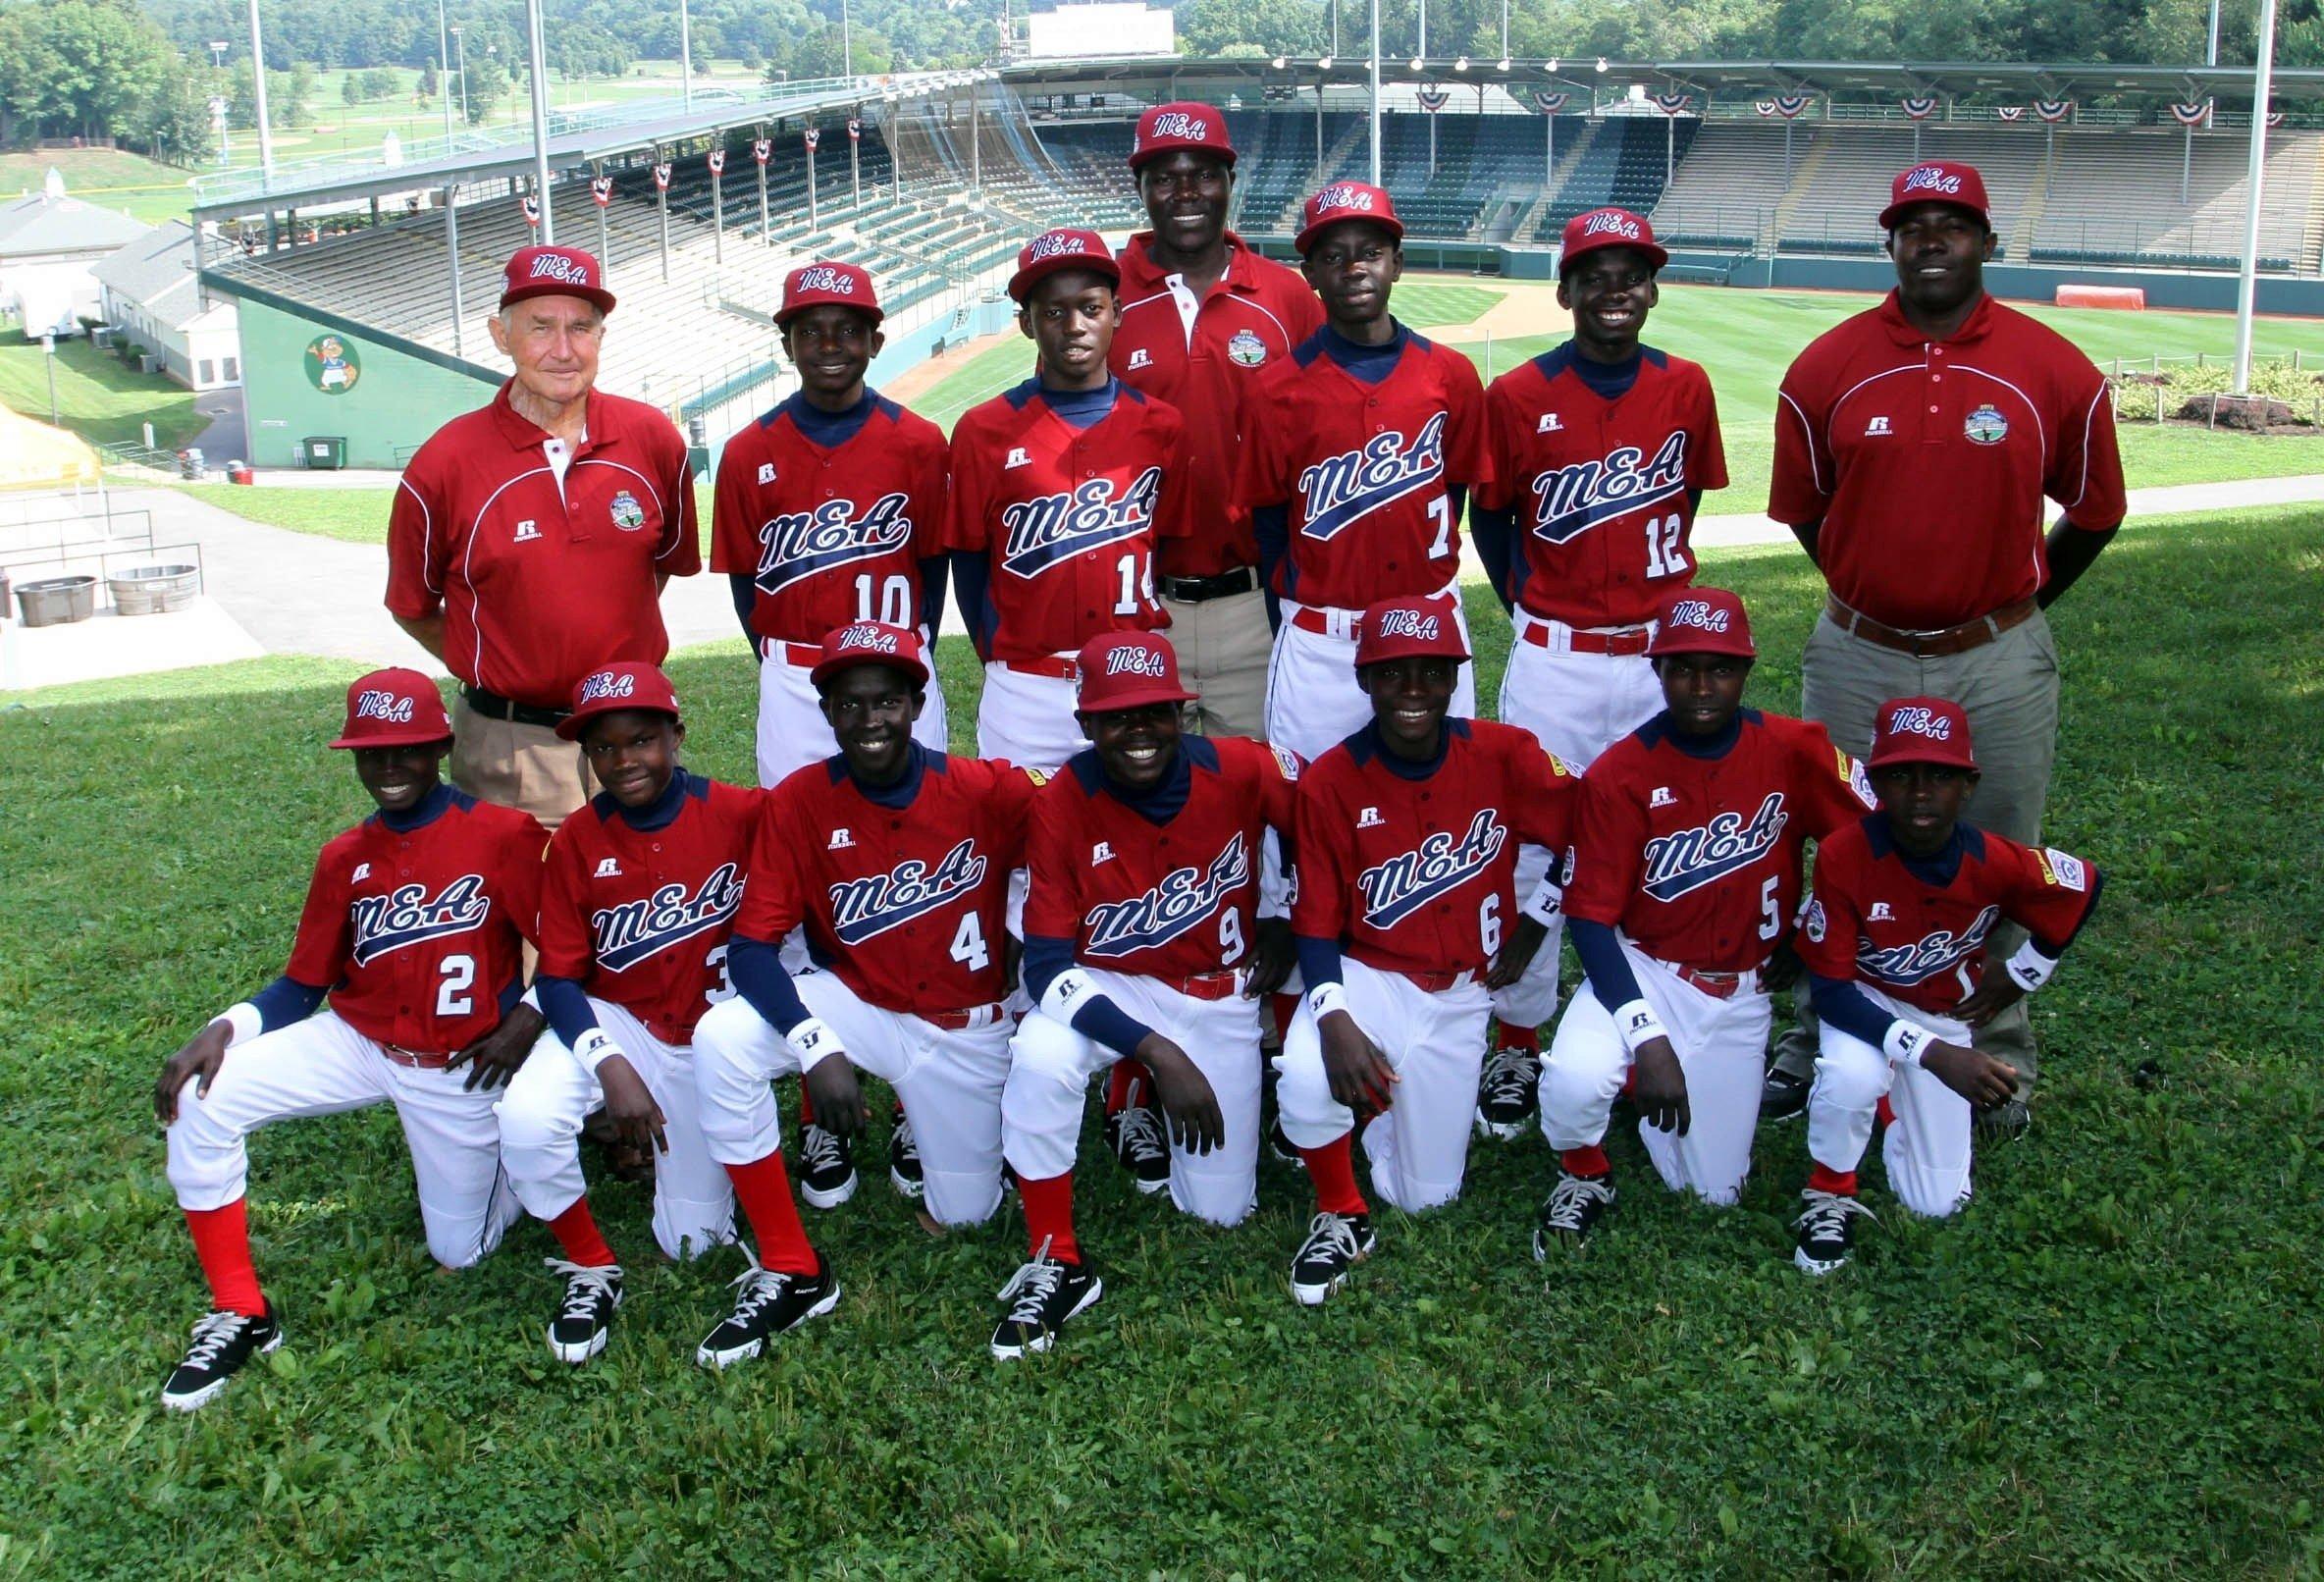 uganda little league baseball